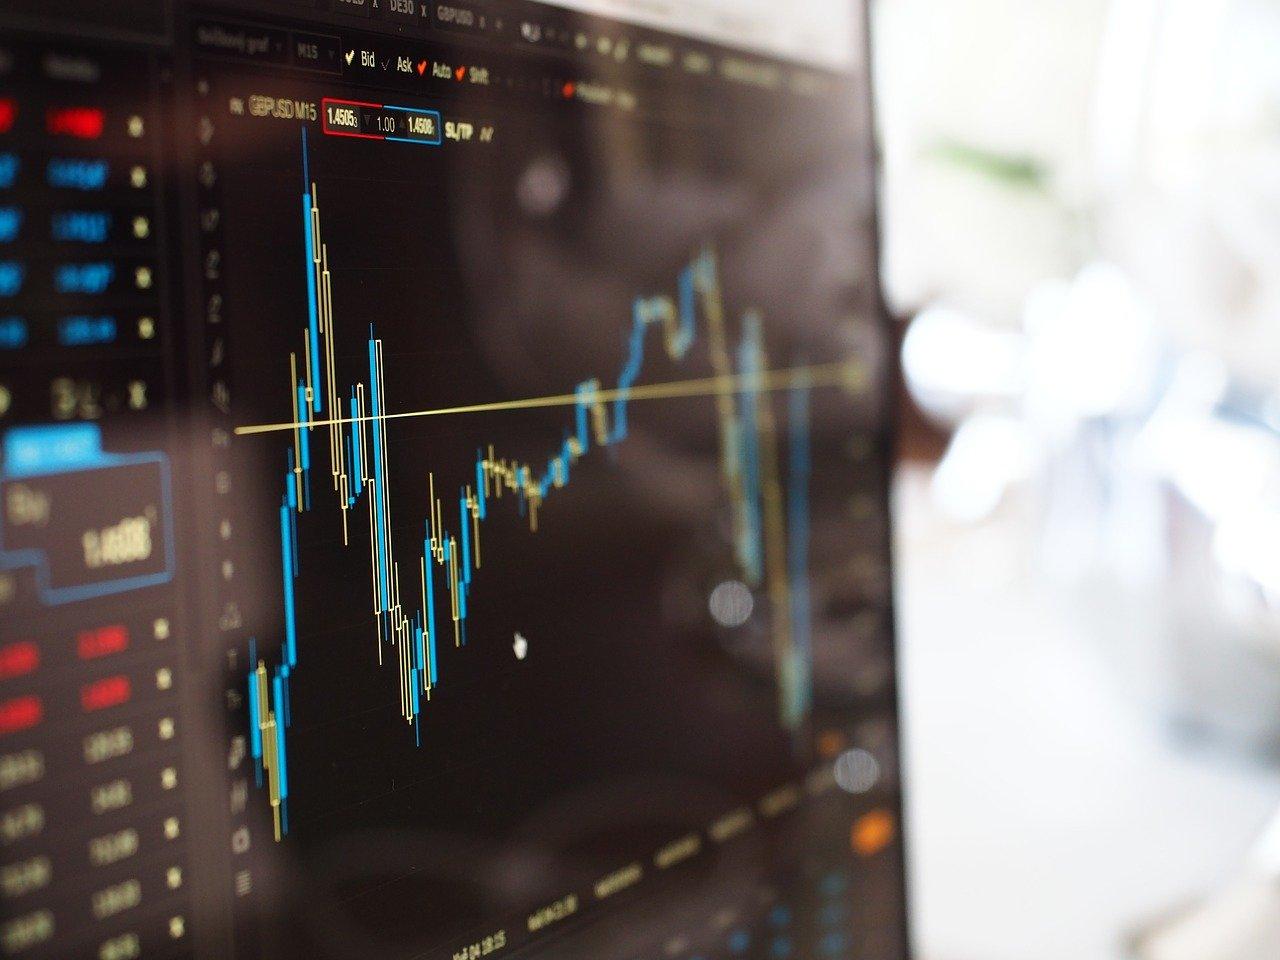 L'état des marchés financiers en 2020